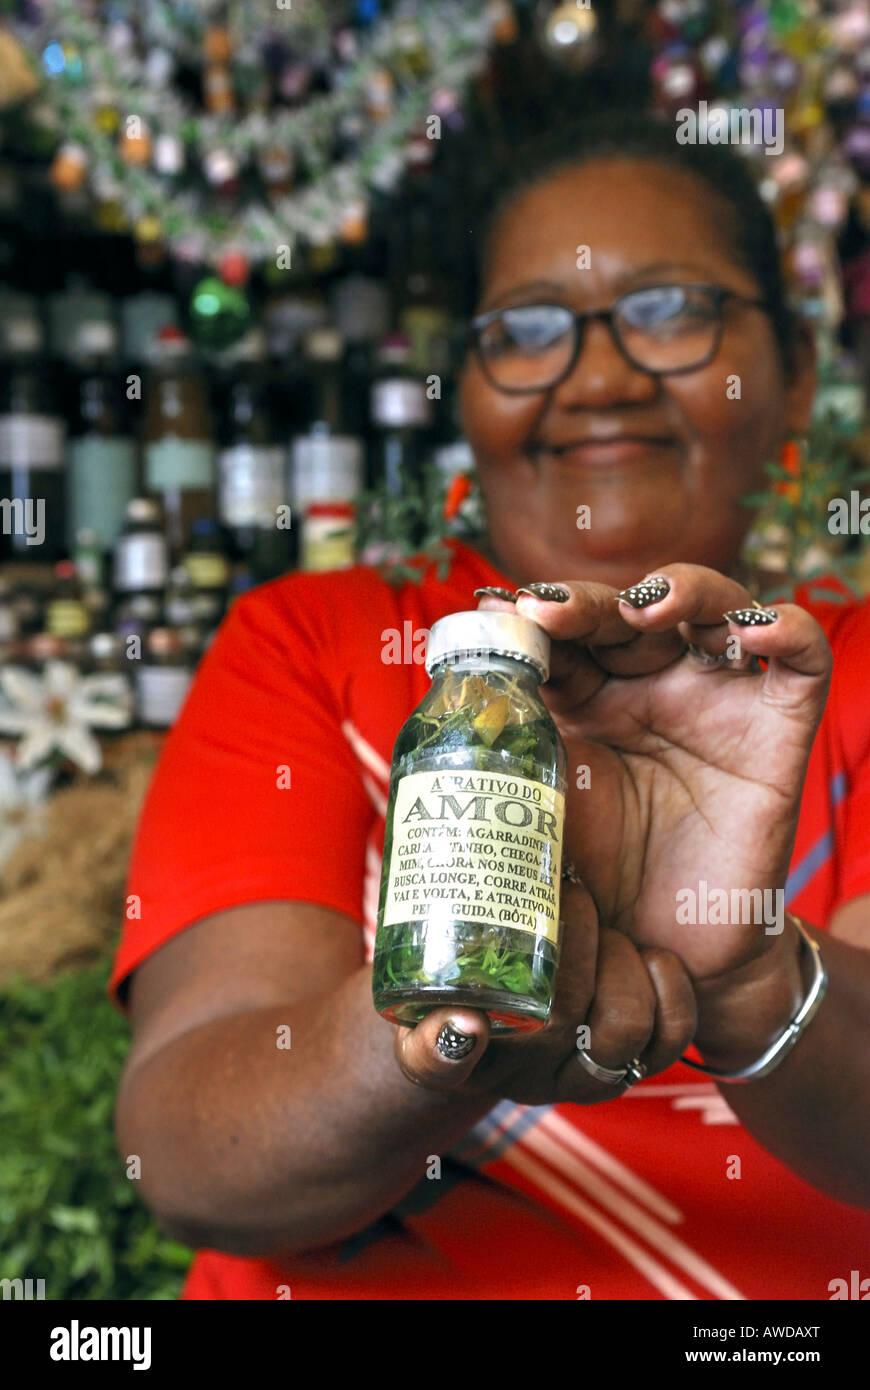 """Hexe Frau verkaufen Liebe Wesen gemacht von Produkten des Amazonas-Regenwaldes, """"Ver-O-Peso"""" zu vermarkten, Stockbild"""